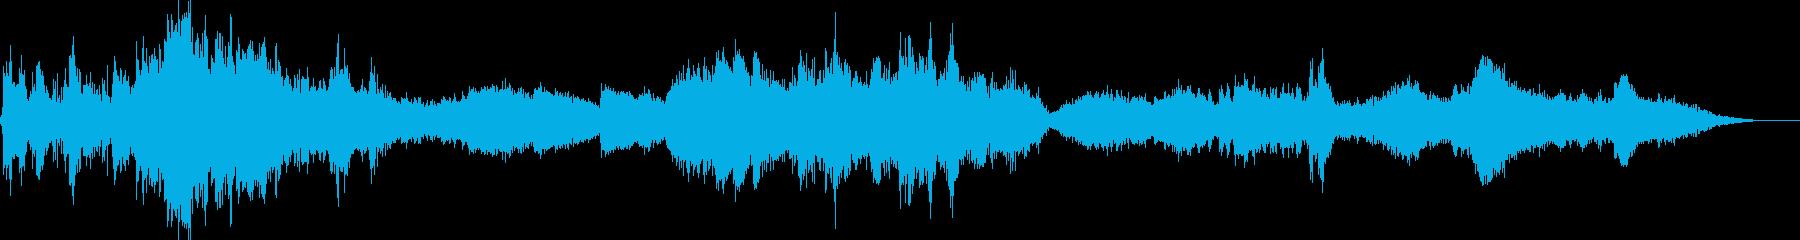 オーケストラ 次々と場面が変わる映像向けの再生済みの波形